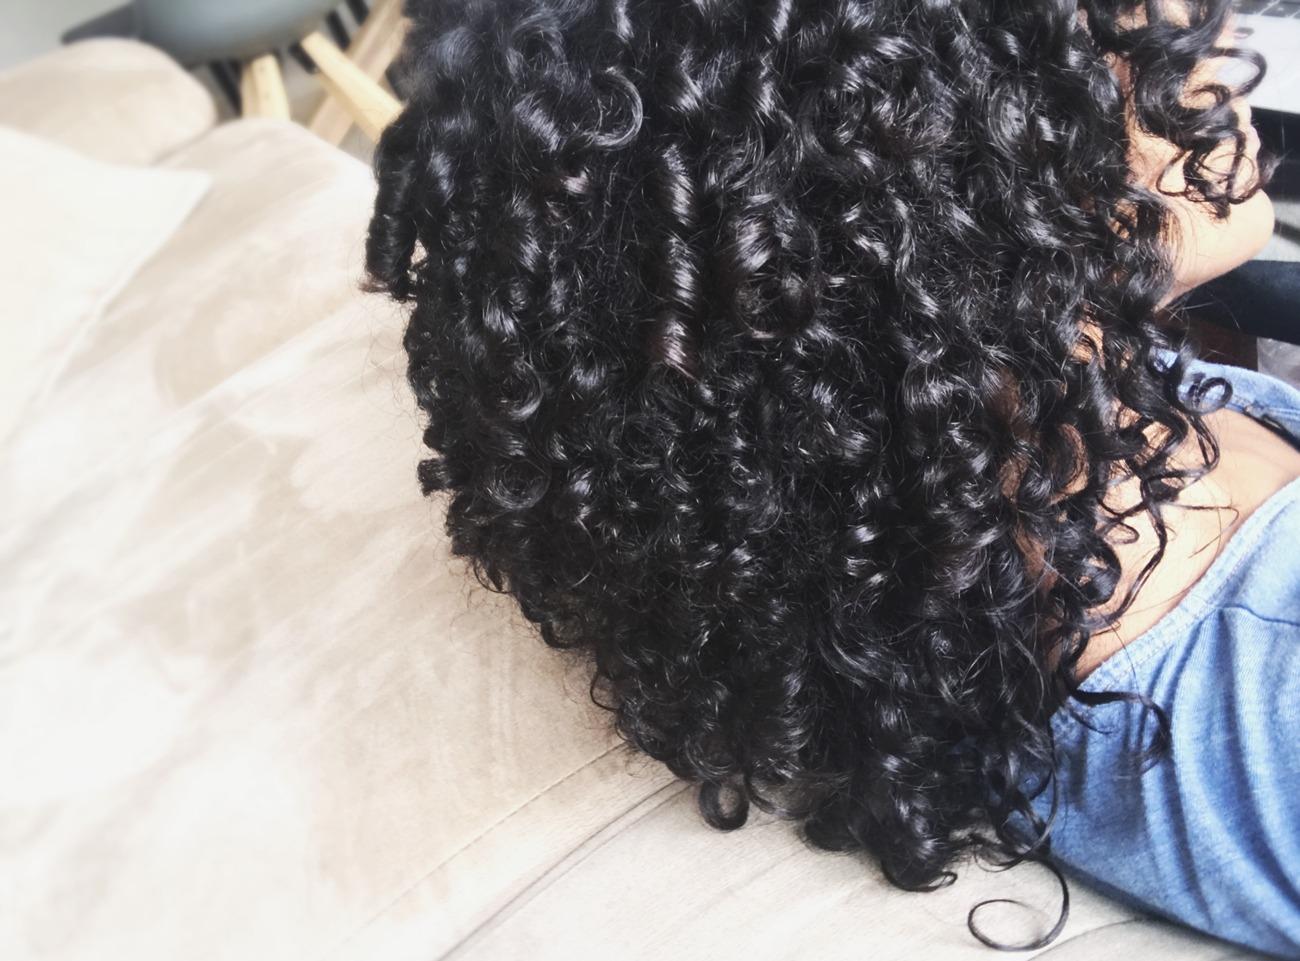 Cuidados com cabelos cacheados/crespos no exterior - cabelo cacheado preto longo